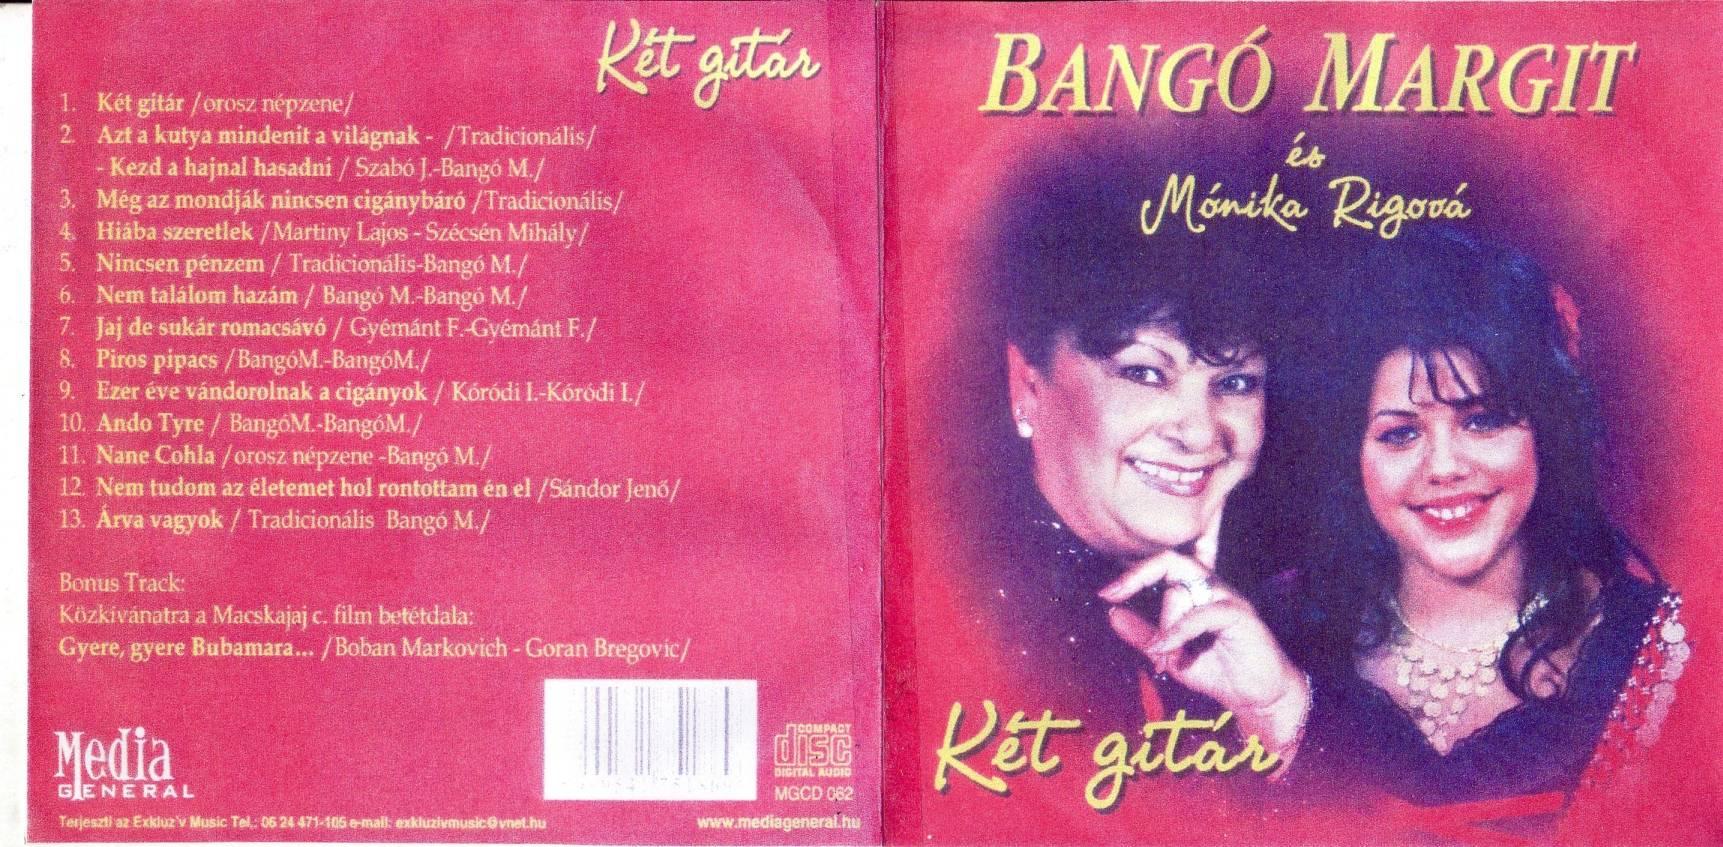 Bangó Margit Két gitár